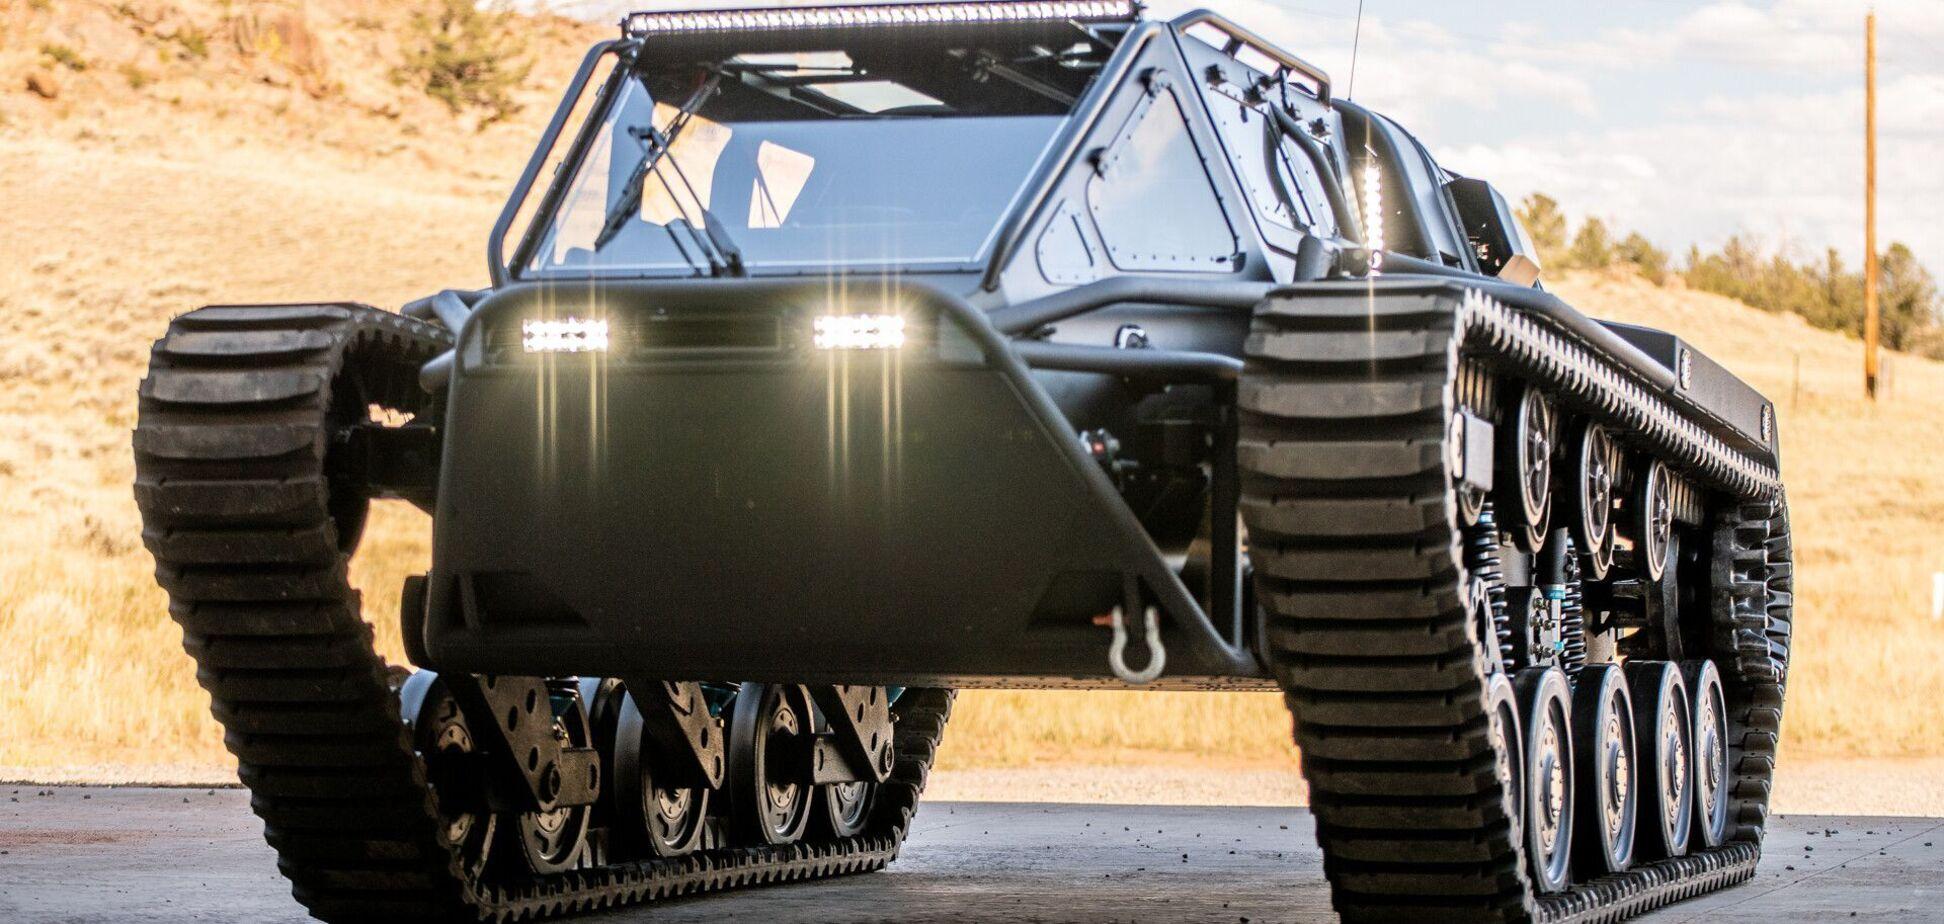 Howe & Howe показала танк для сибаритов. Видео